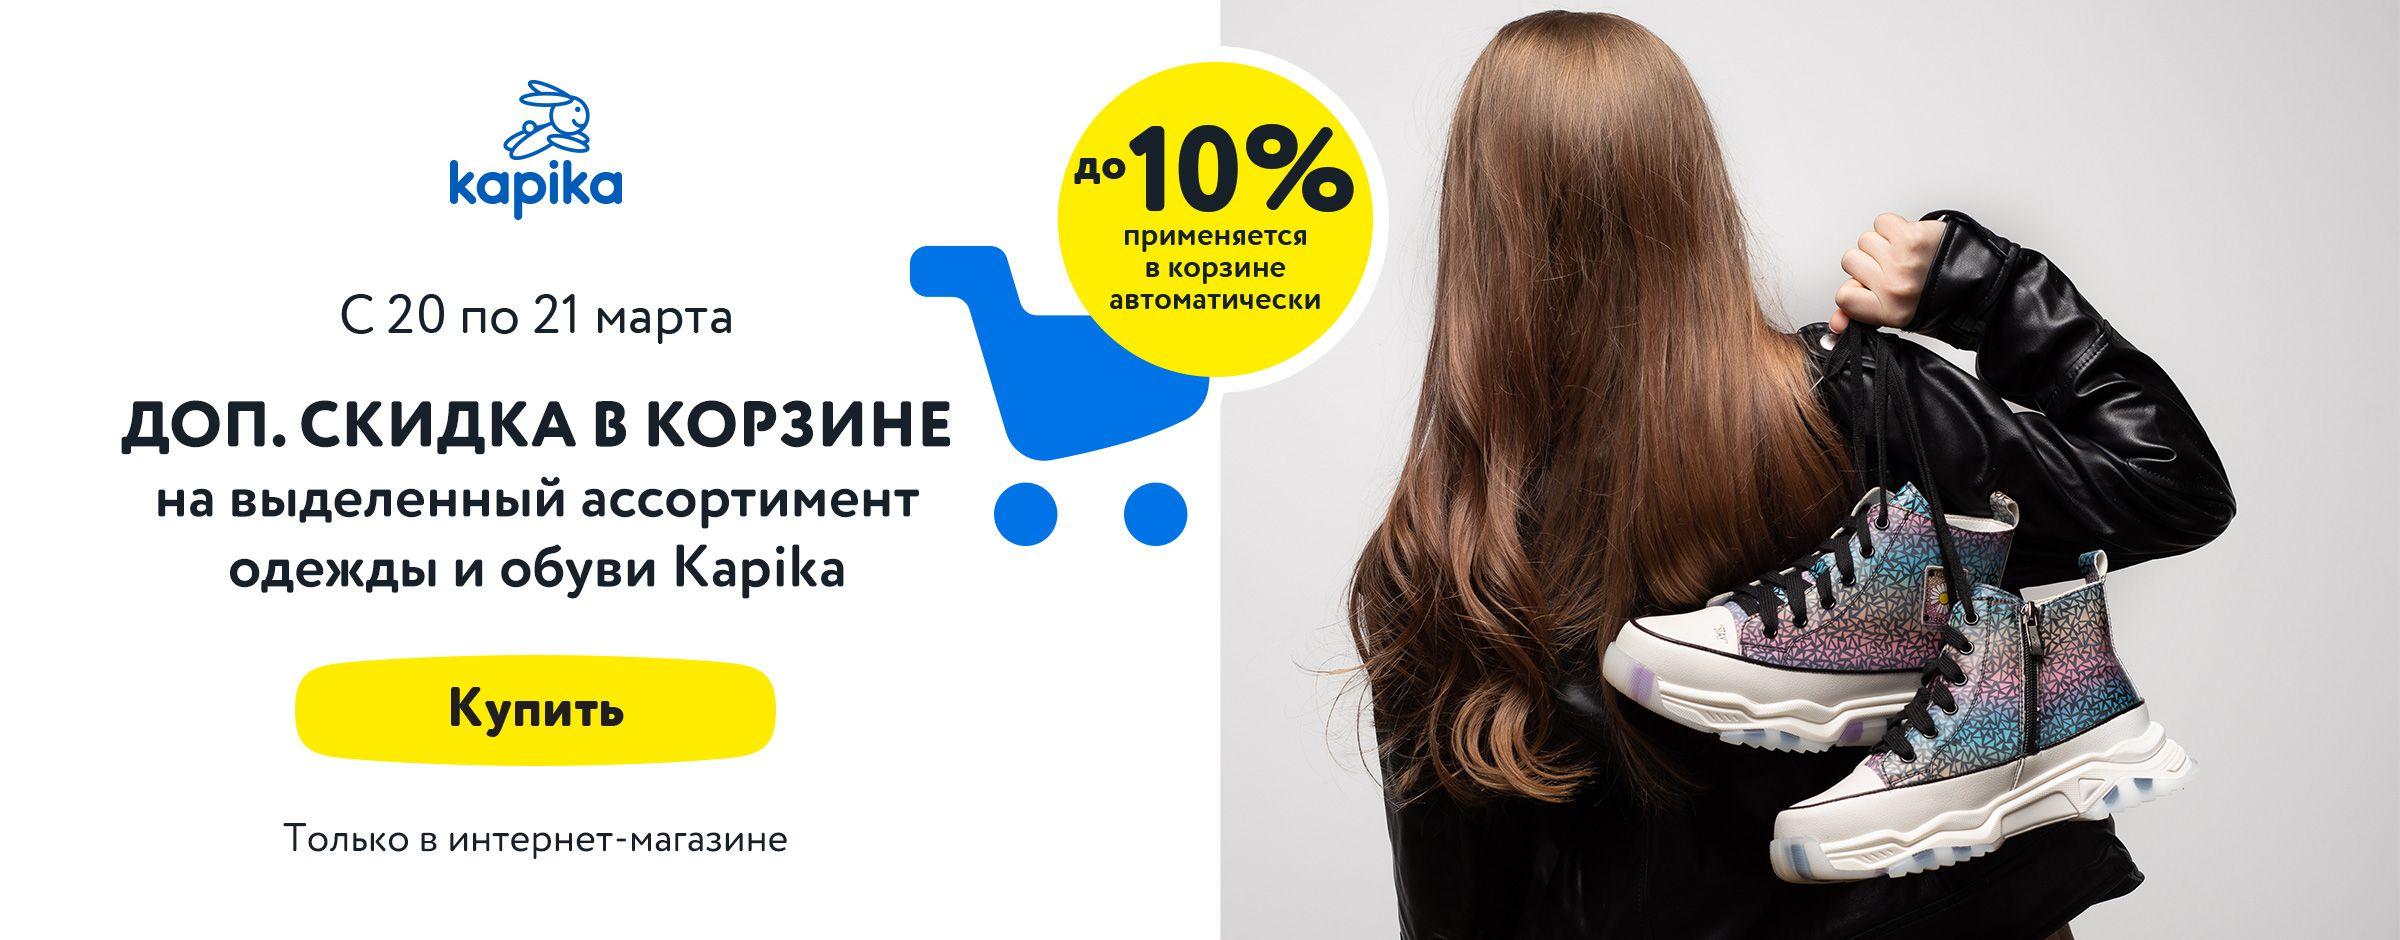 Доп. скидка до 10% на выделенный ассортимент бренда Kapika